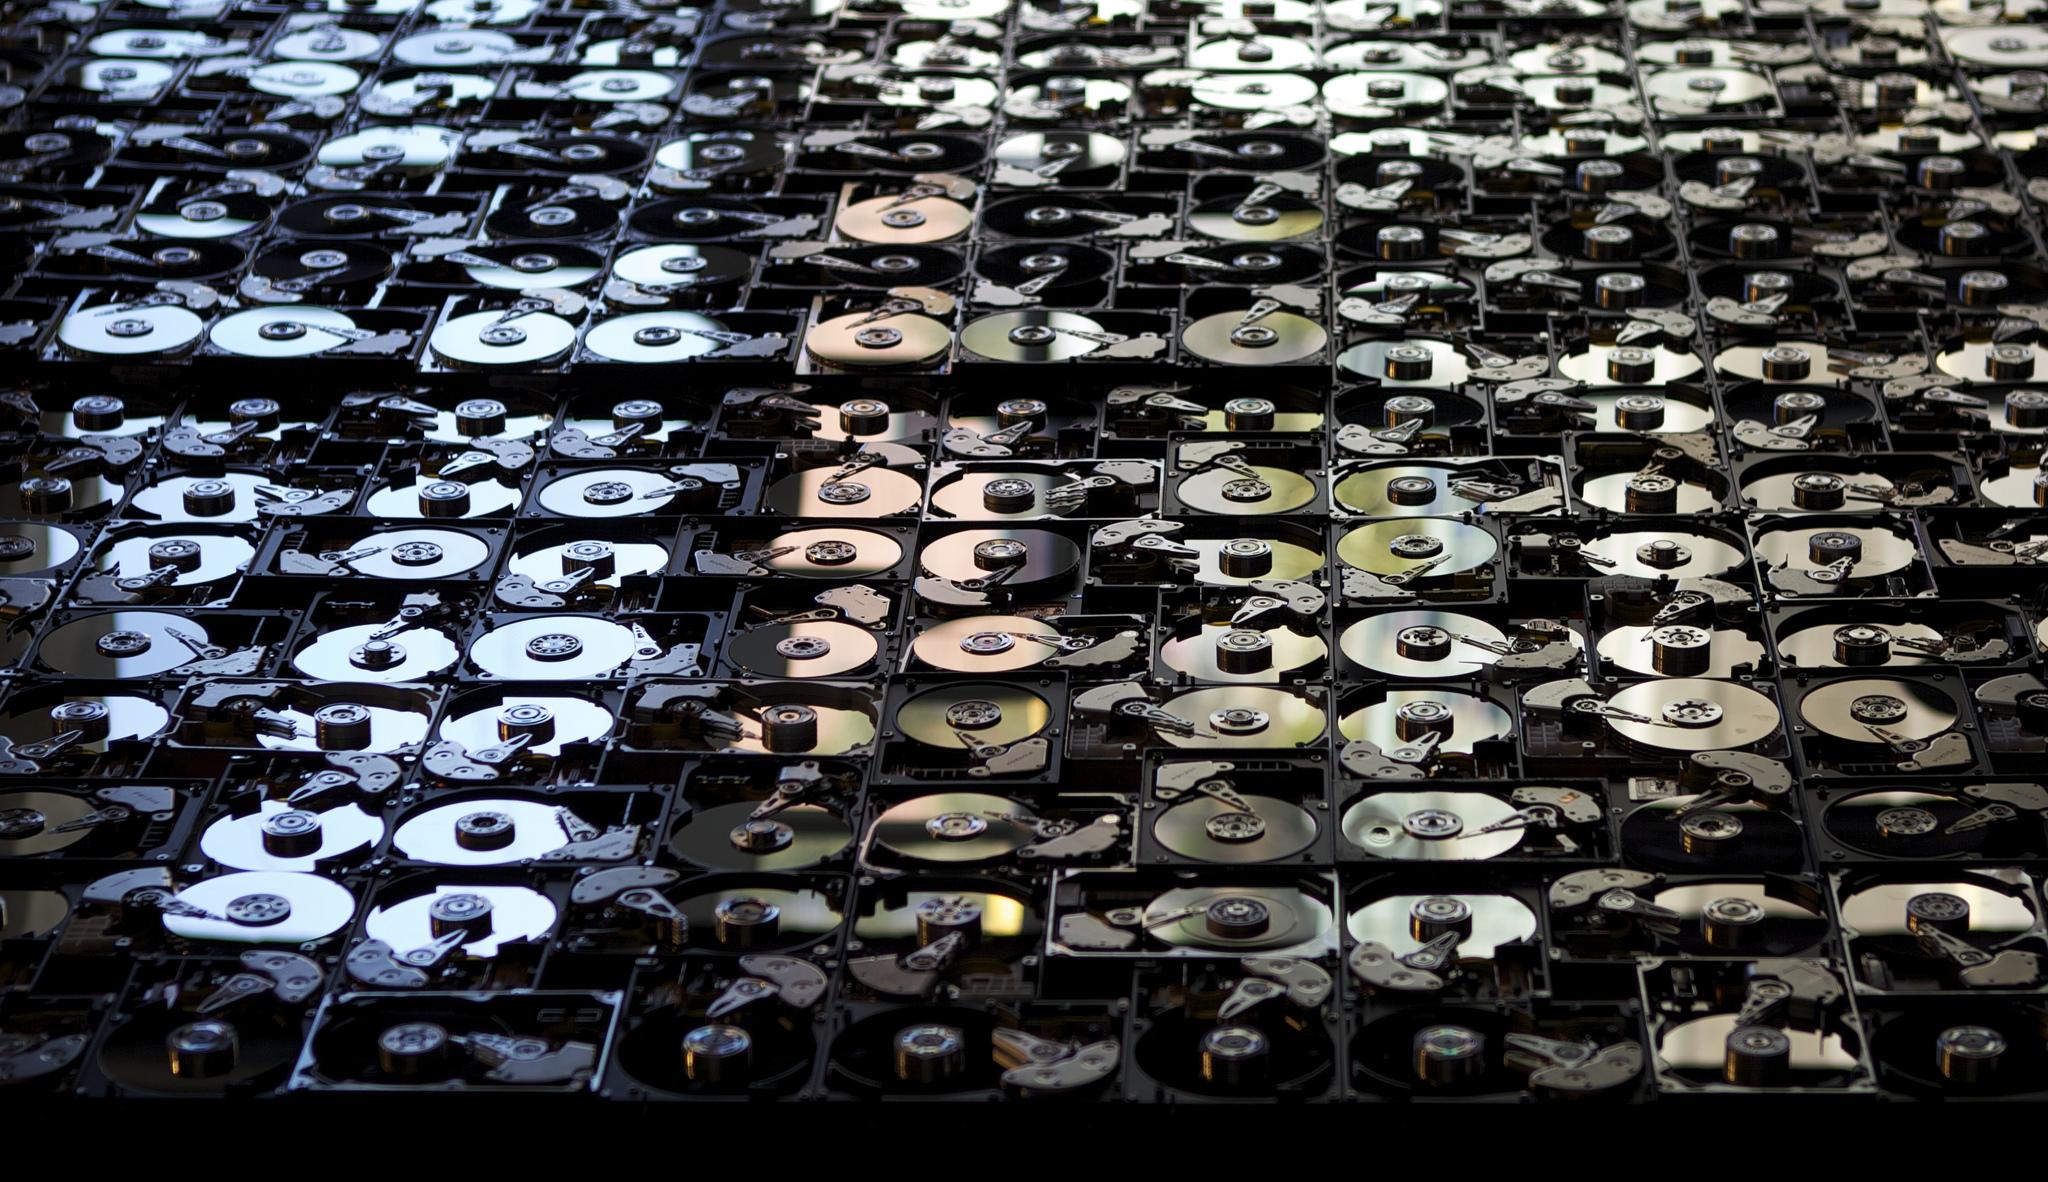 Wall of hard drives